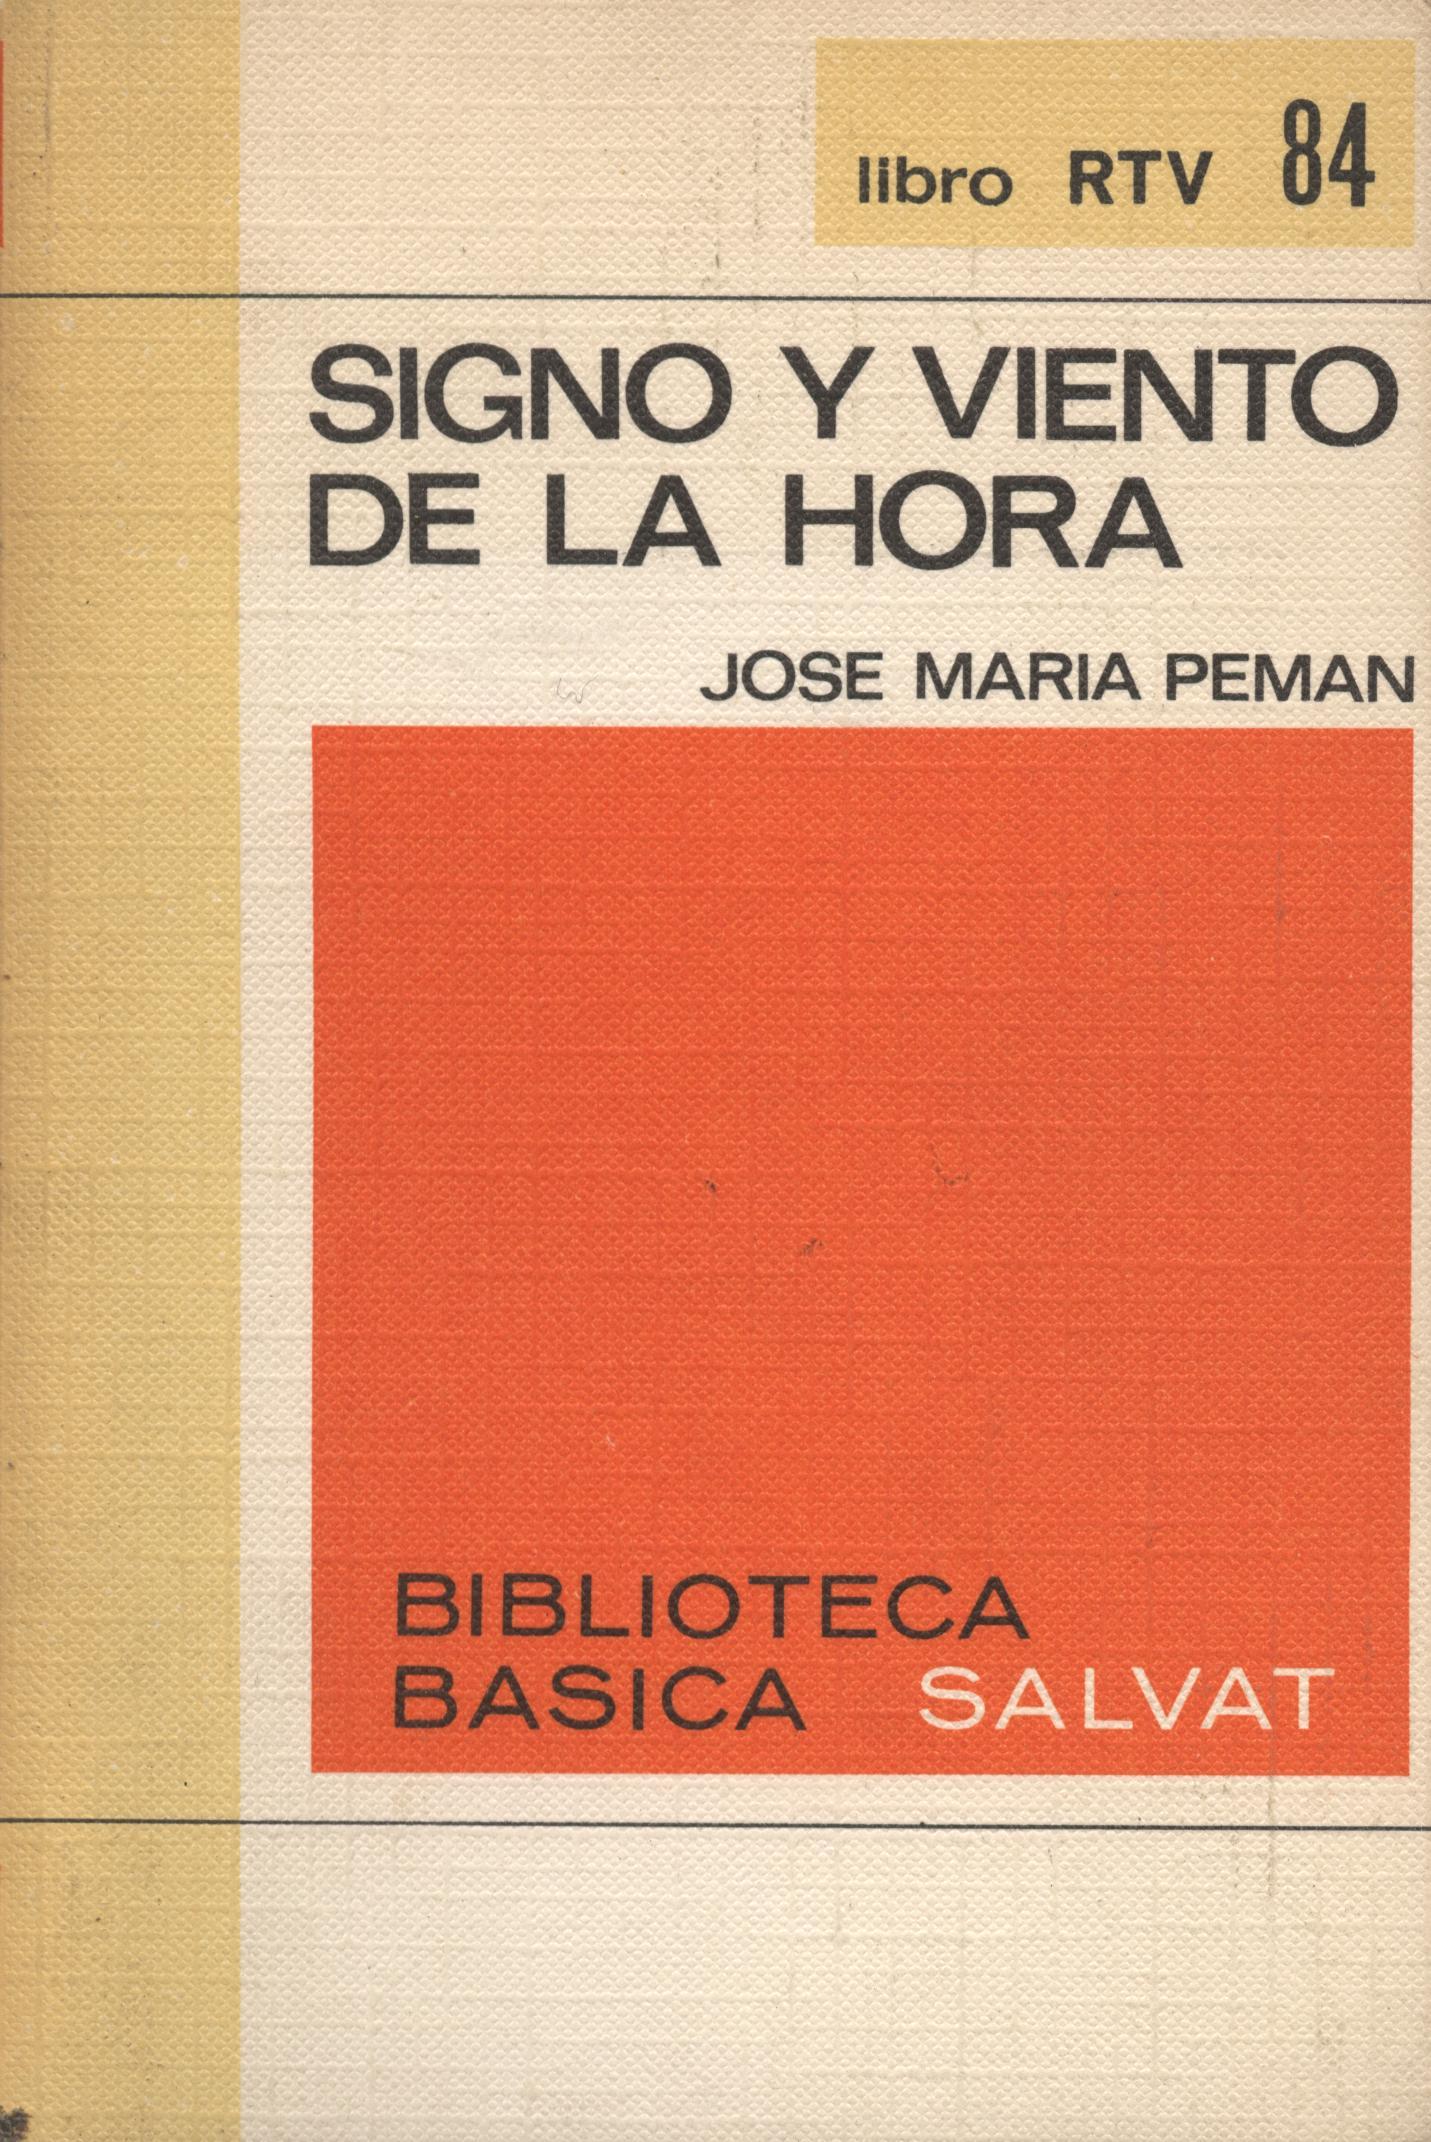 Signo y viento de la hora - José María Pemán